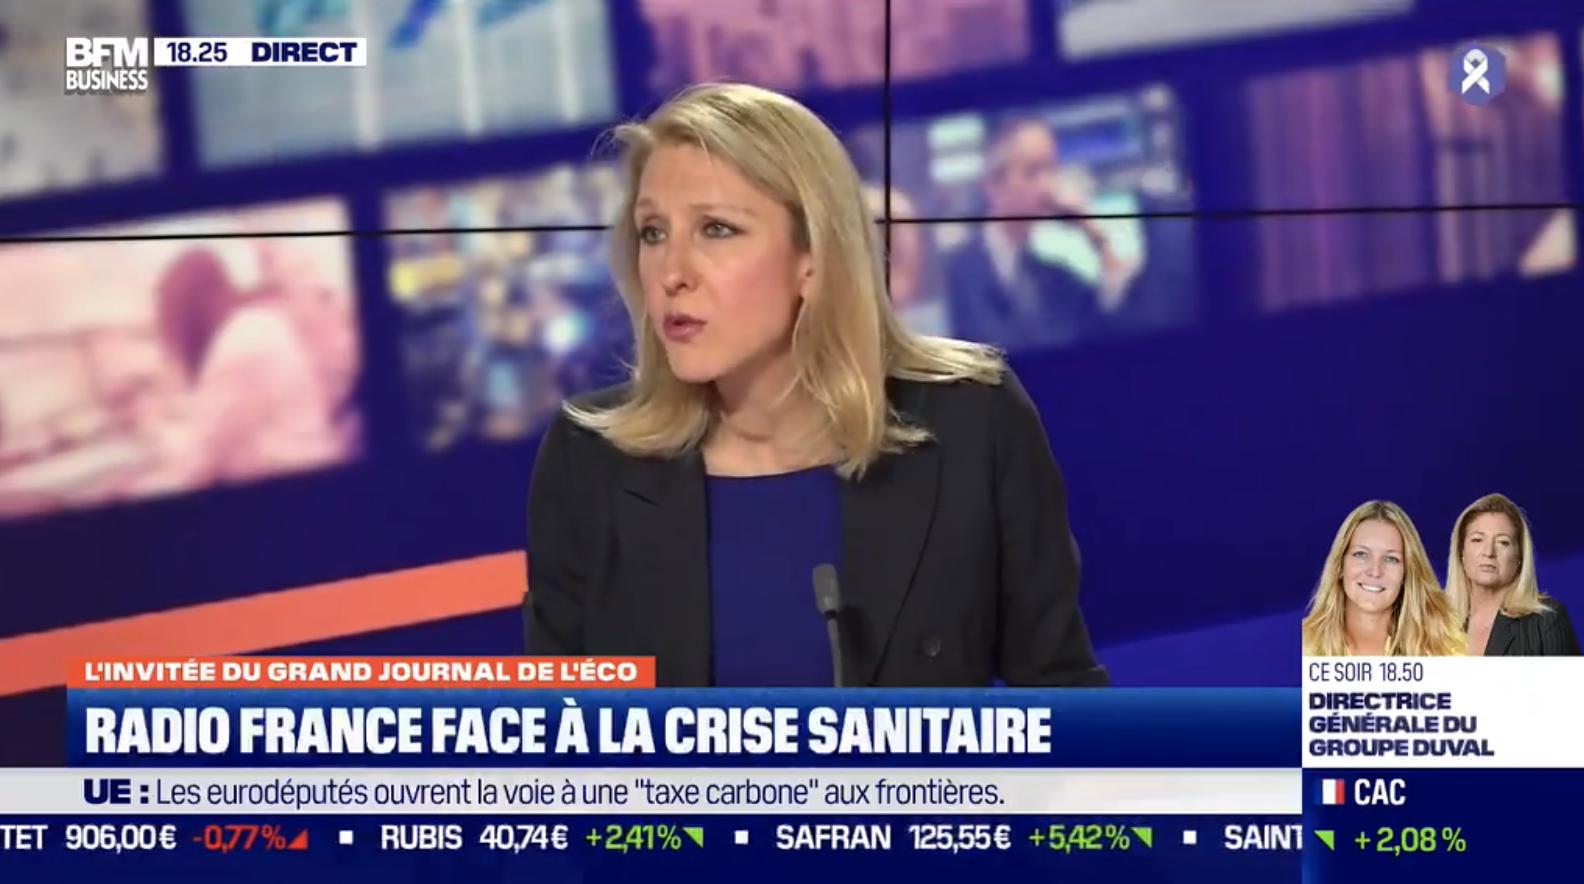 """Radio France : un déficit de """"5 à 10 M€"""" selon Sibyle Veil"""